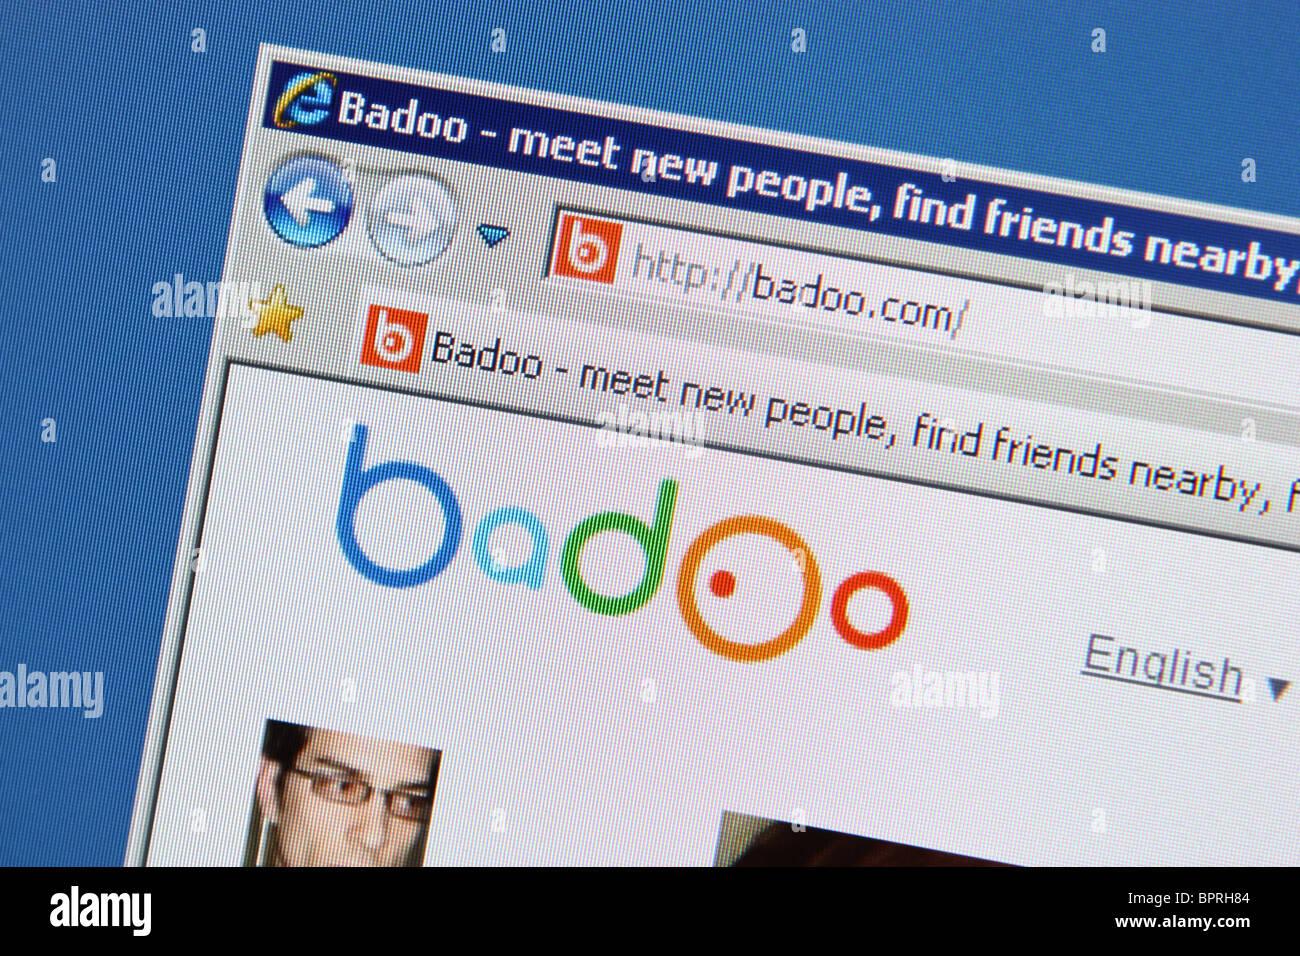 Bilder badoo What does